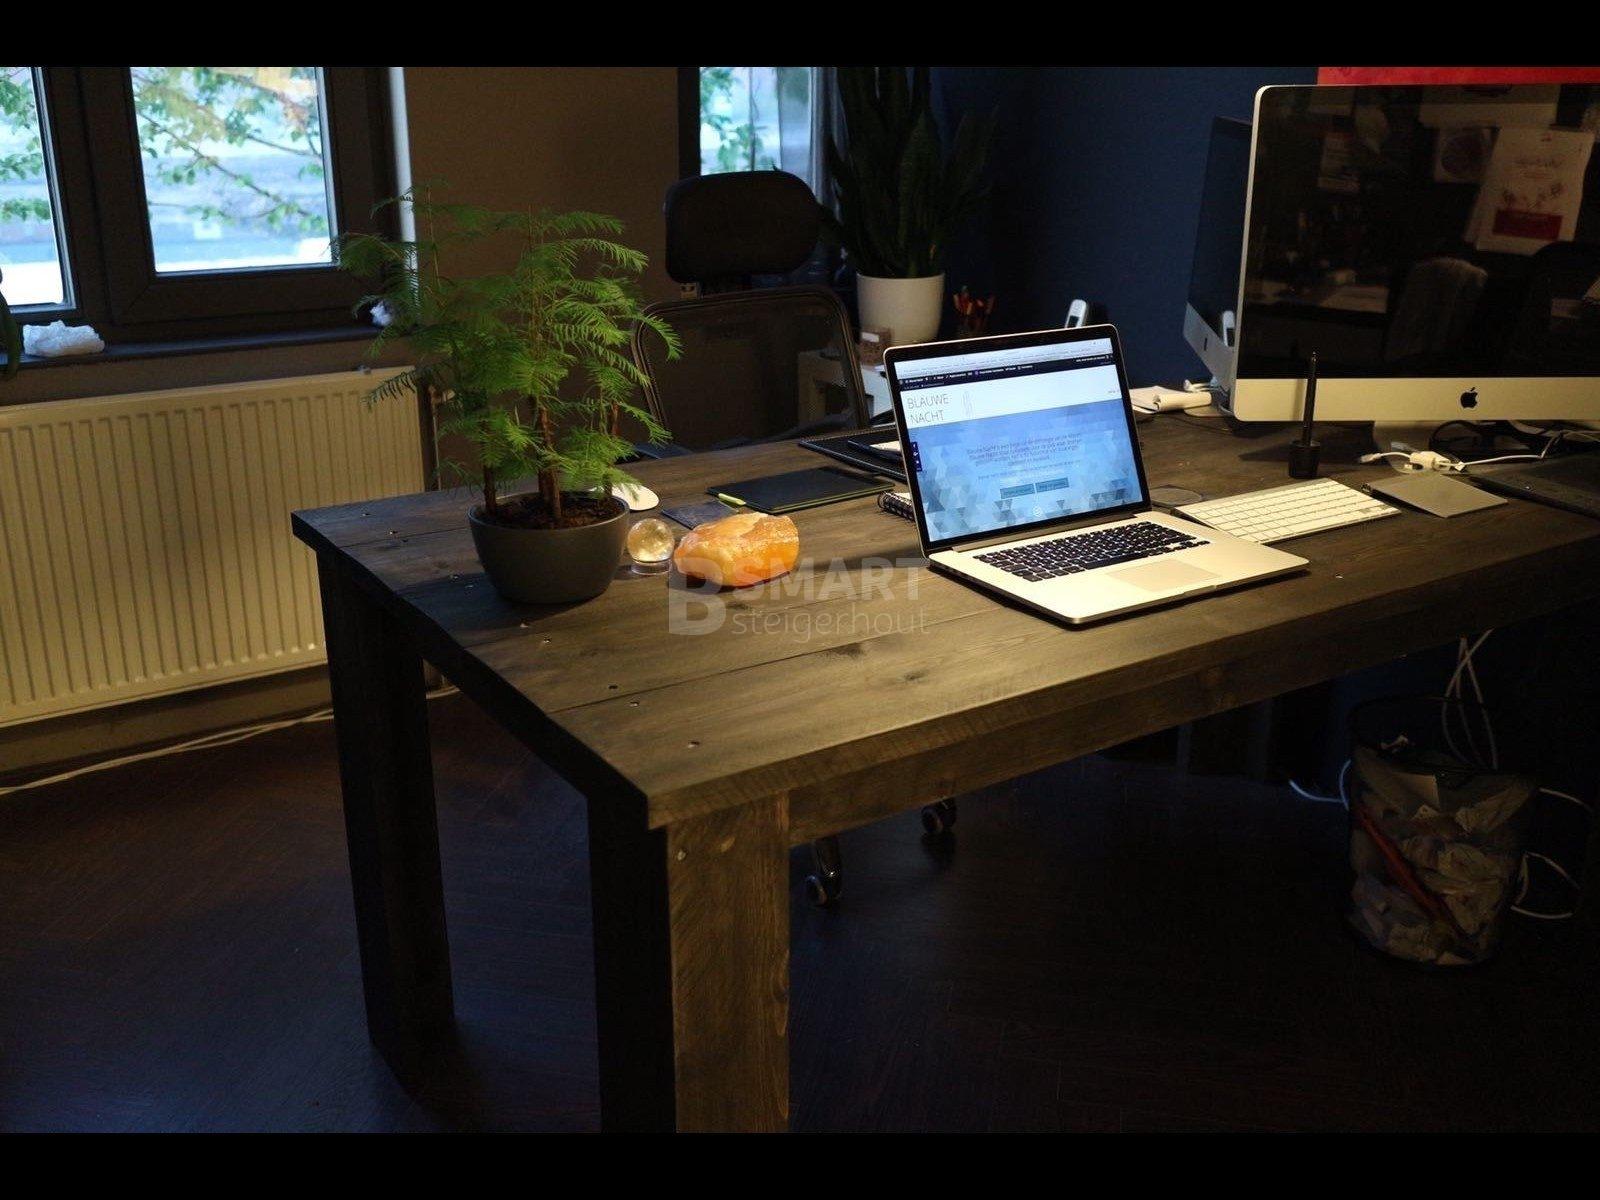 Tafel Steigerhout Goedkoop : Tafel van steigerhout b smart steigerhout